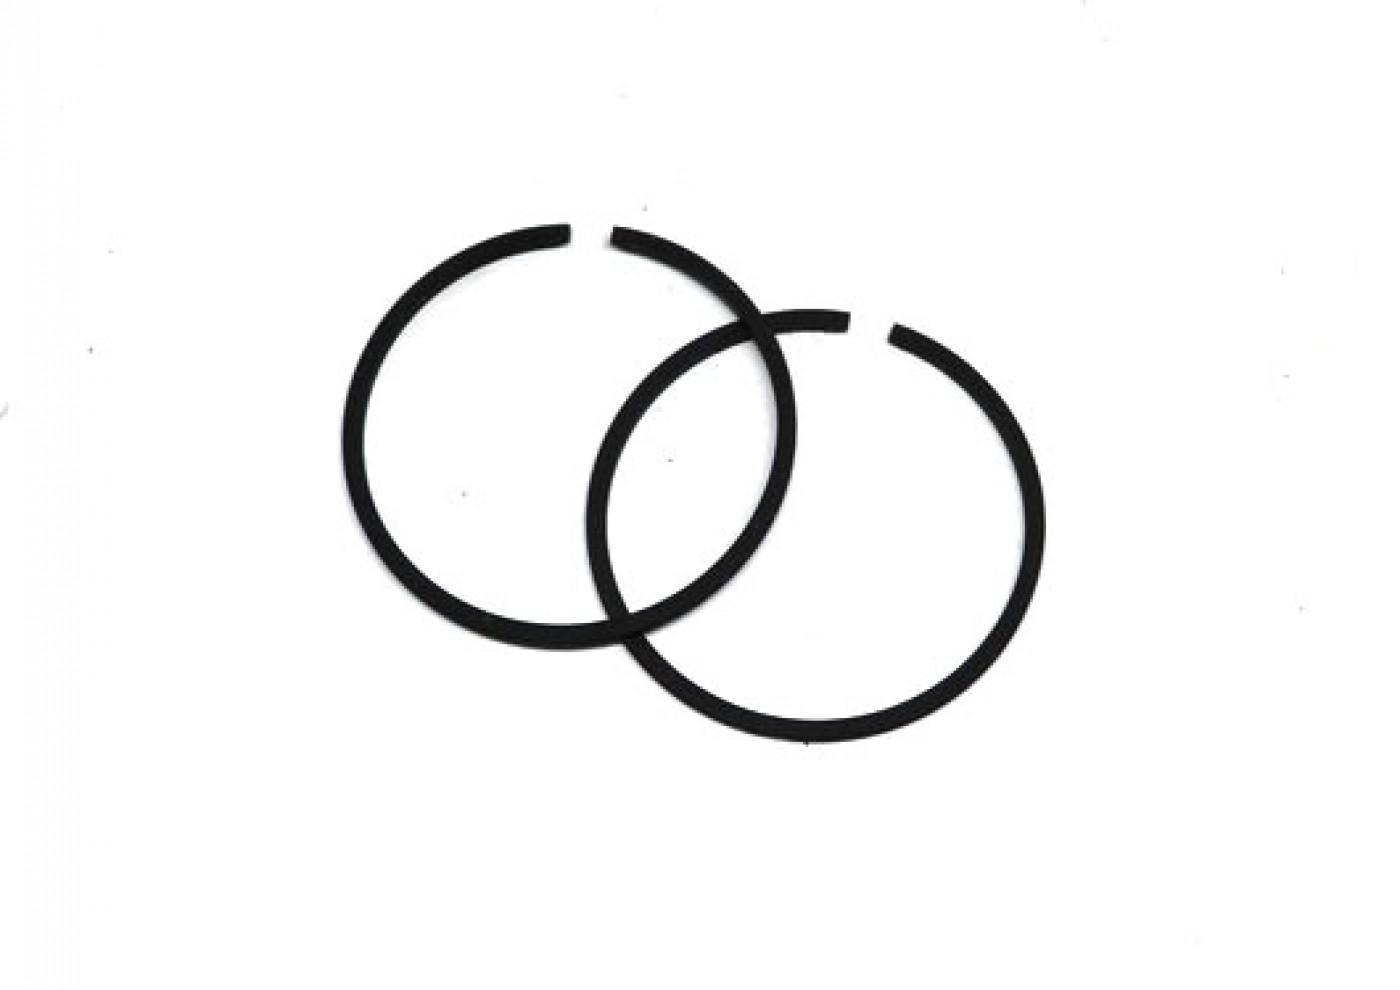 Súprava piestnych krúžkov Stihl FS550